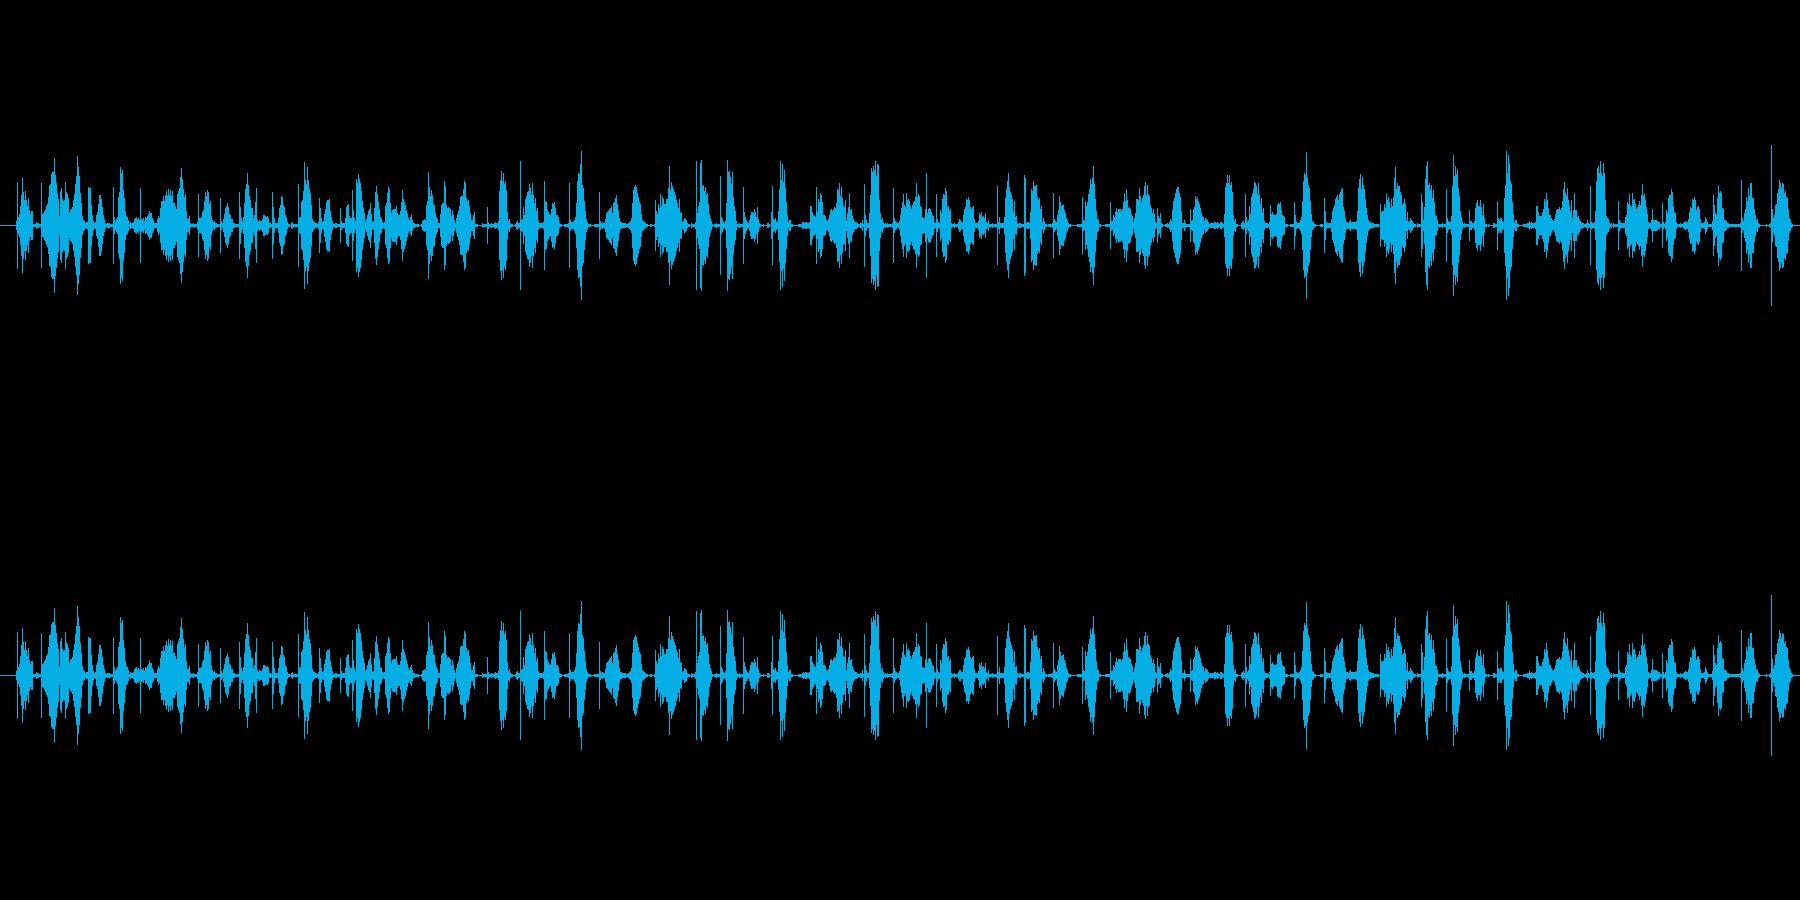 【シャープペン01-03(書く)】の再生済みの波形